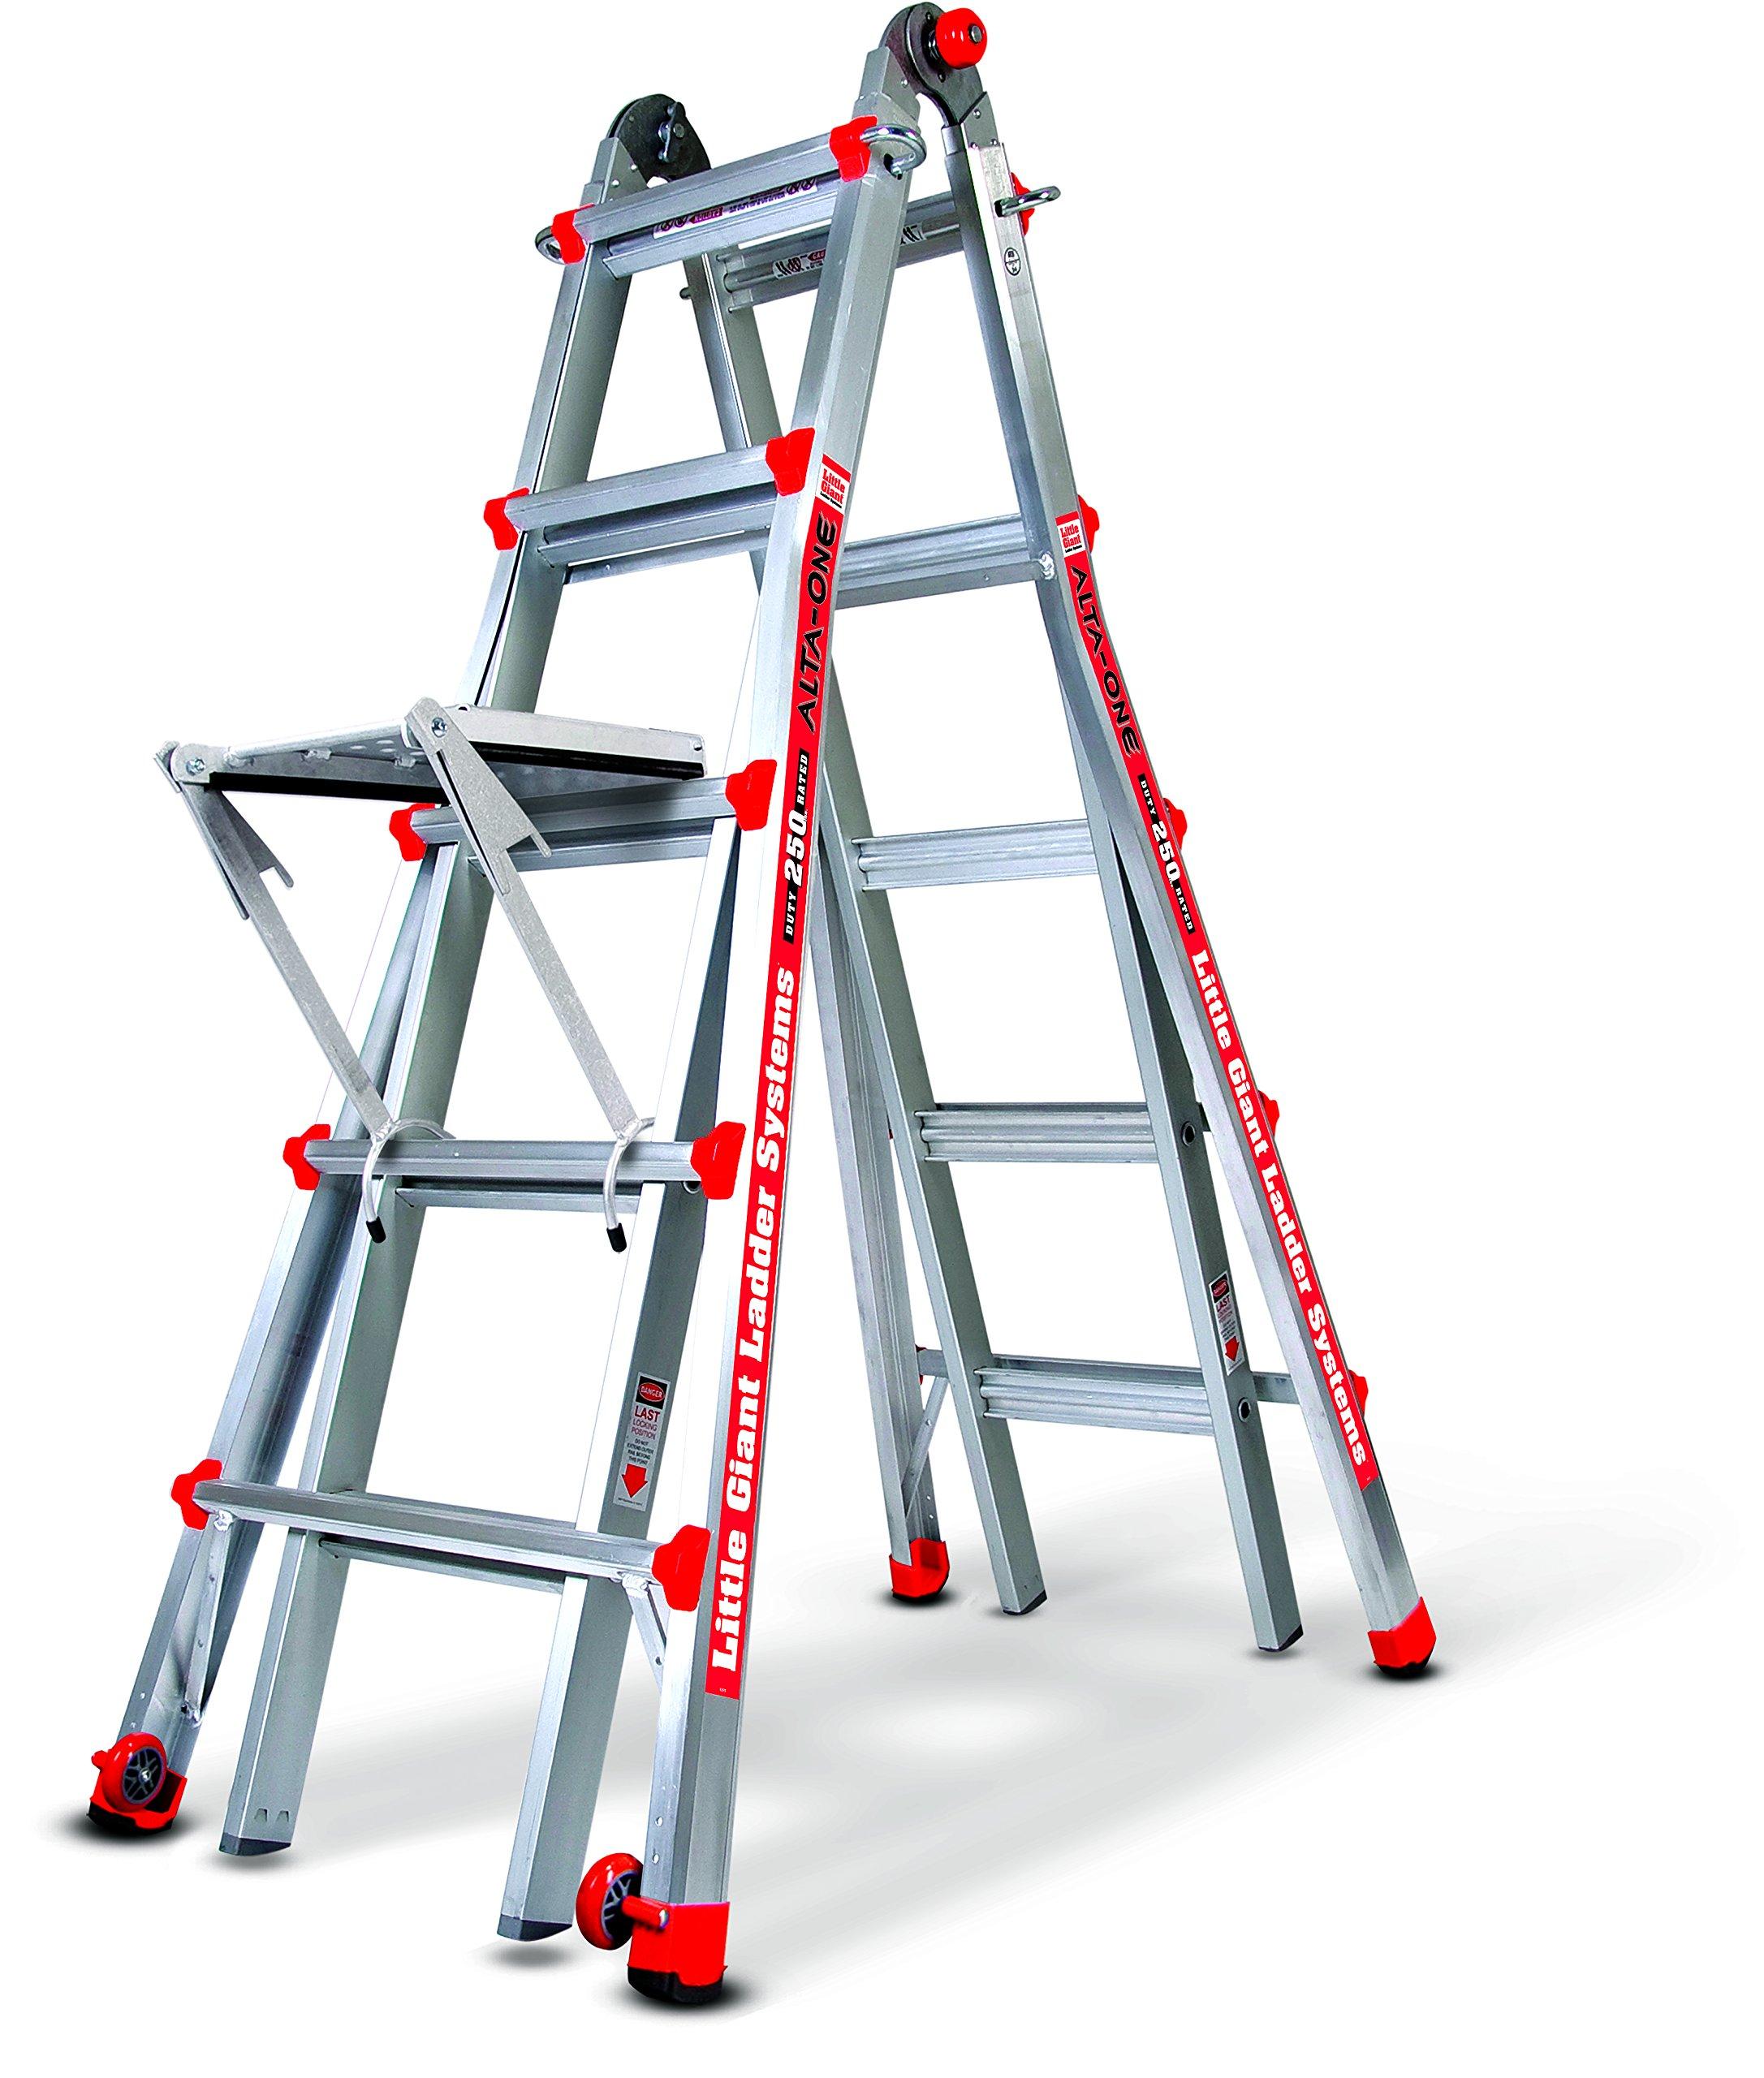 Plataforma de trabajo Alta One (escalera) Tipo 1, modelo 17 de Little Giant: Amazon.es: Bricolaje y herramientas